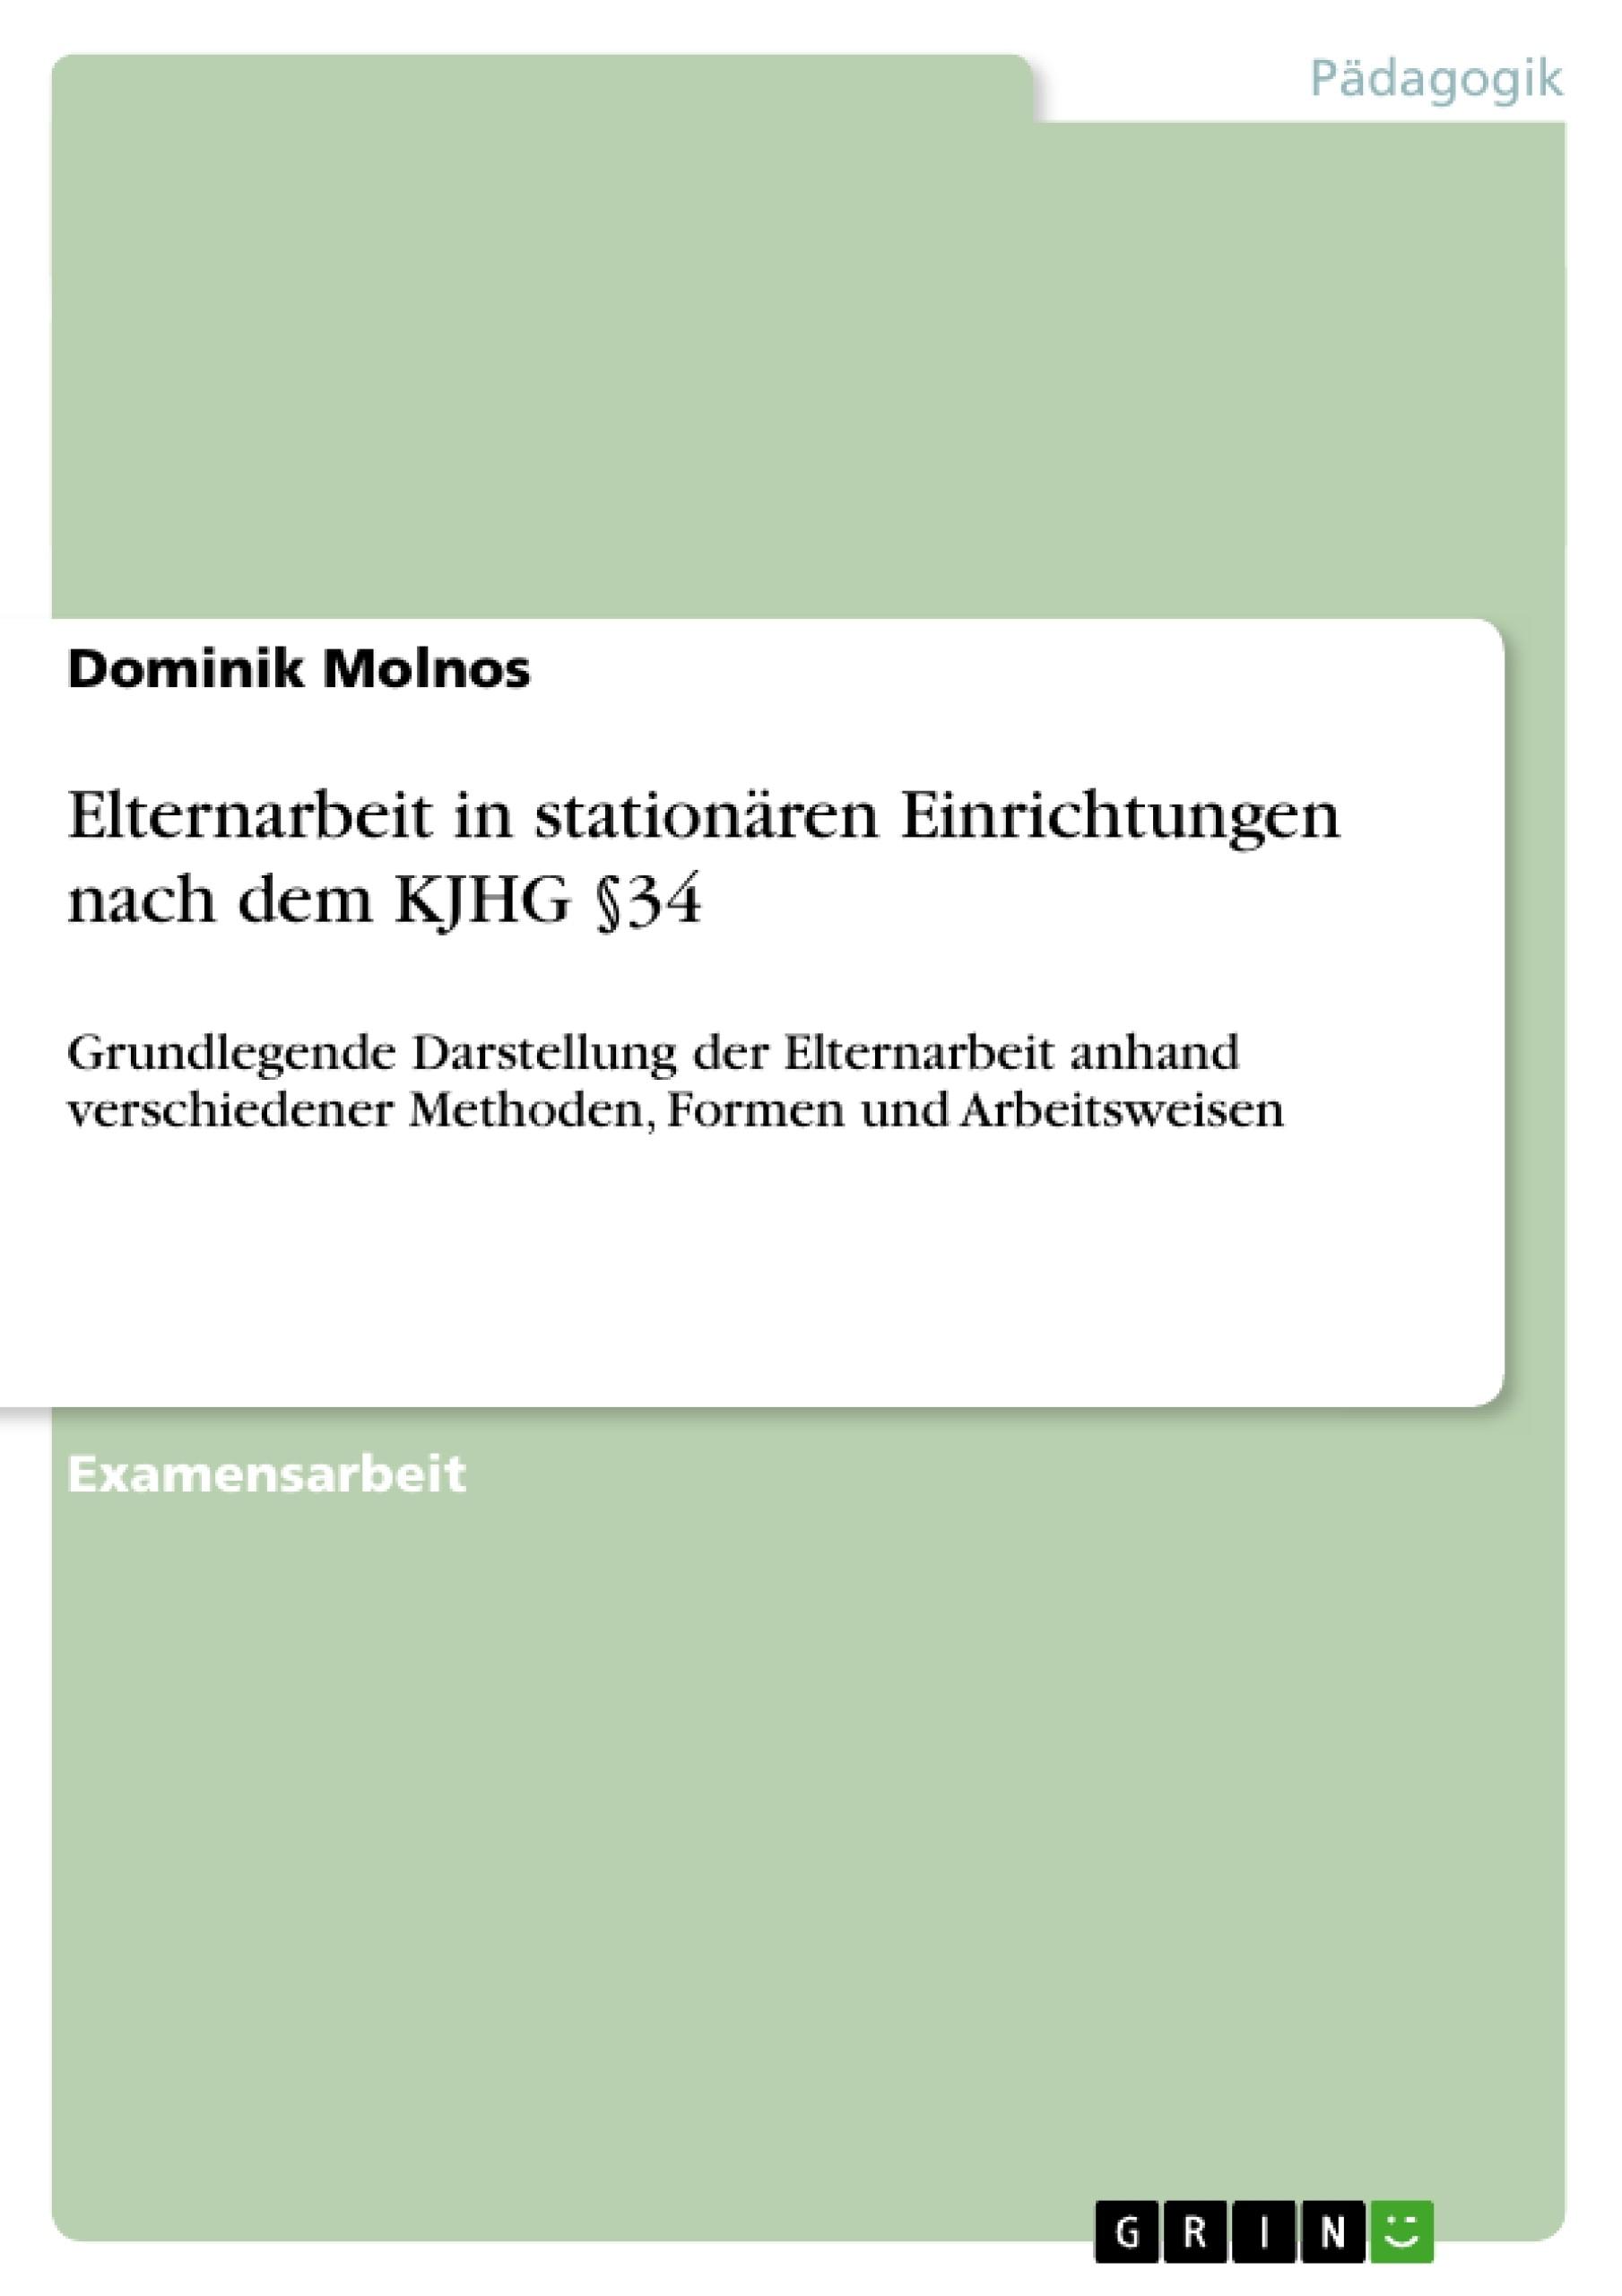 Titel: Elternarbeit in stationären Einrichtungen nach dem KJHG §34